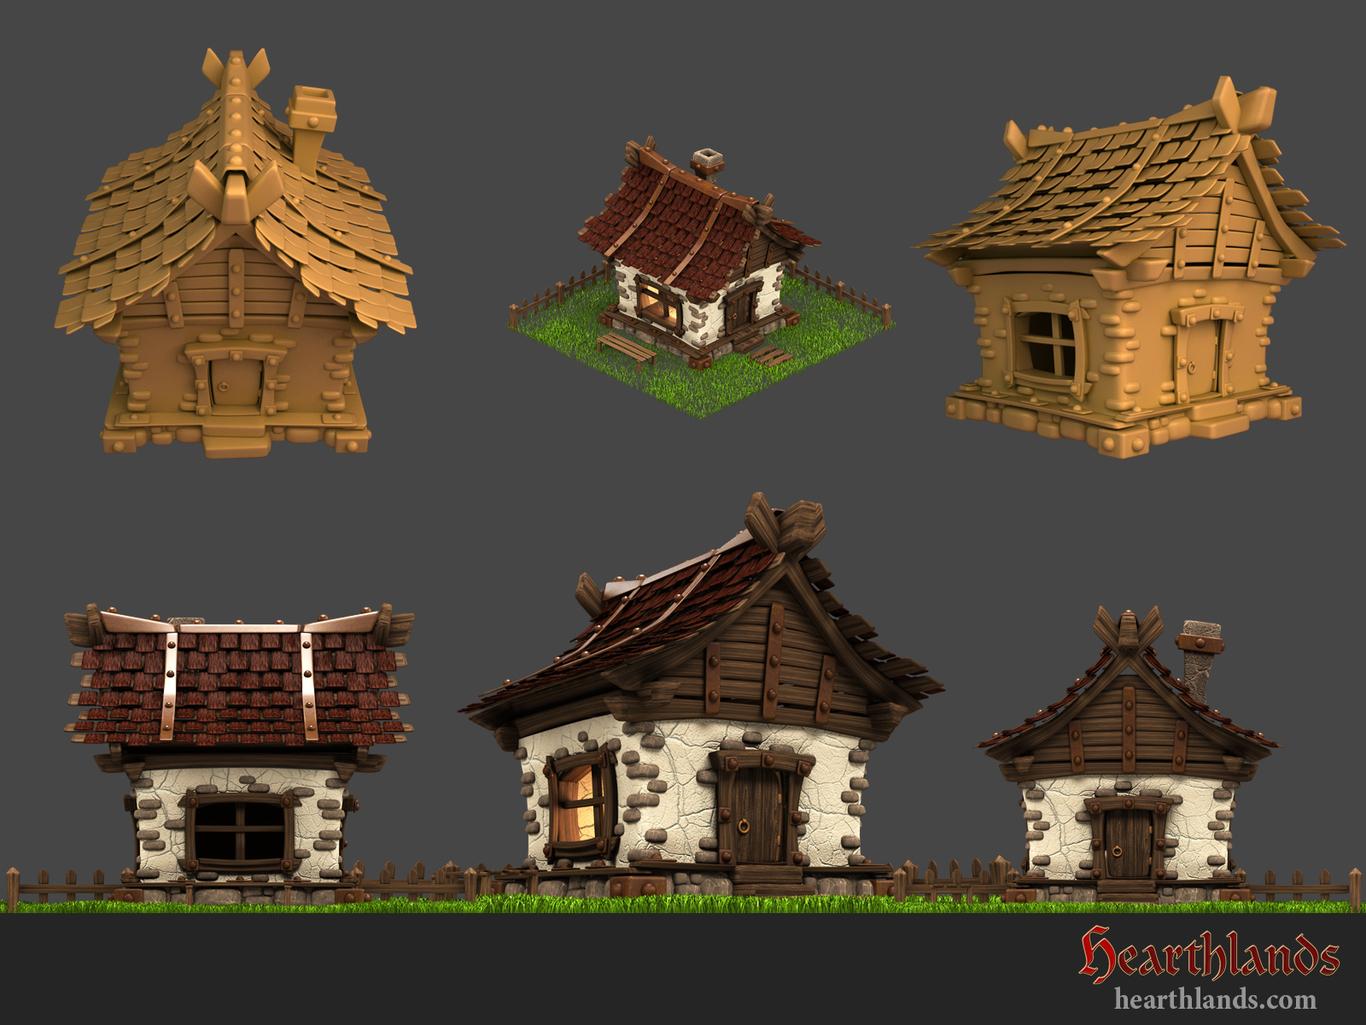 Alexeyl hearthlands houses 1 9d0c8171 bad1